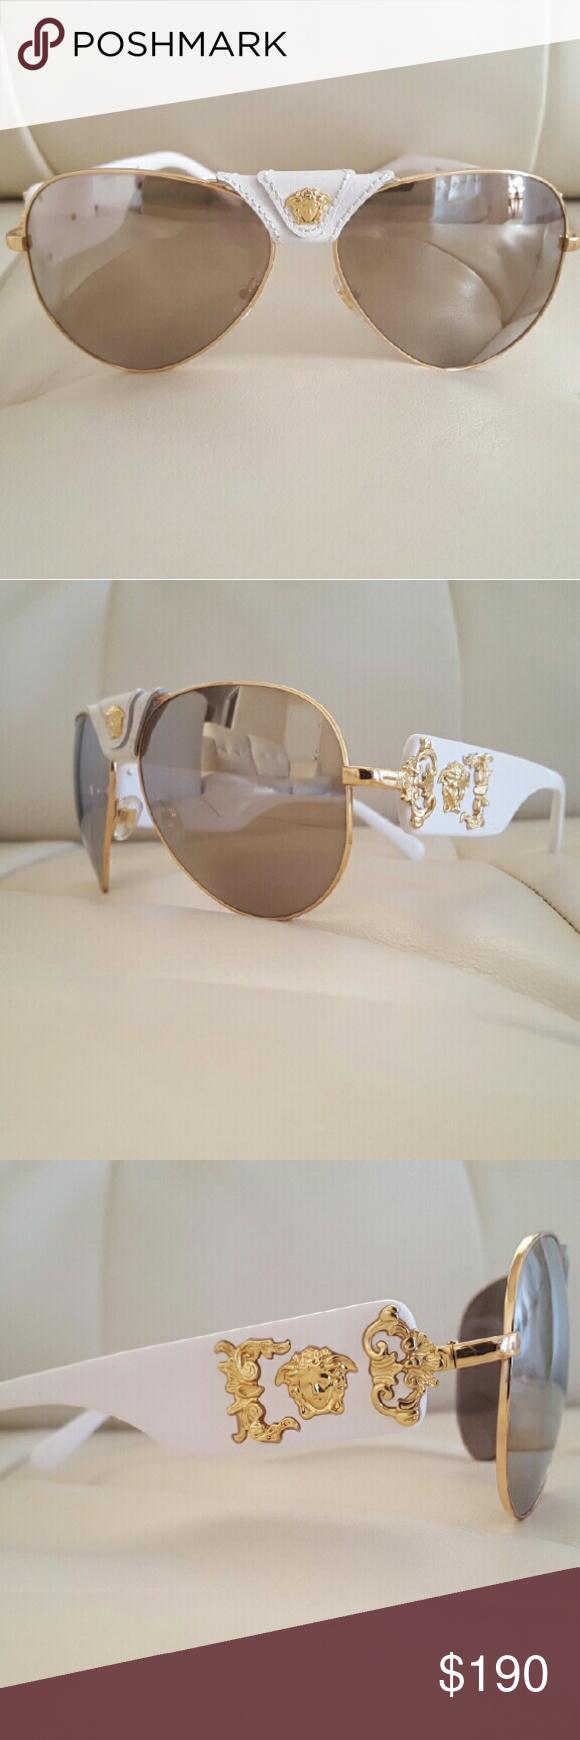 15a9efb27d8 VERSACE 2150 Sunglasses -Pilot Shape -Acetate frame with Medusa detail  -Gold Medusa detail at temples and bridge Model 2150-Q Size  62 Color 1341  Versace ...